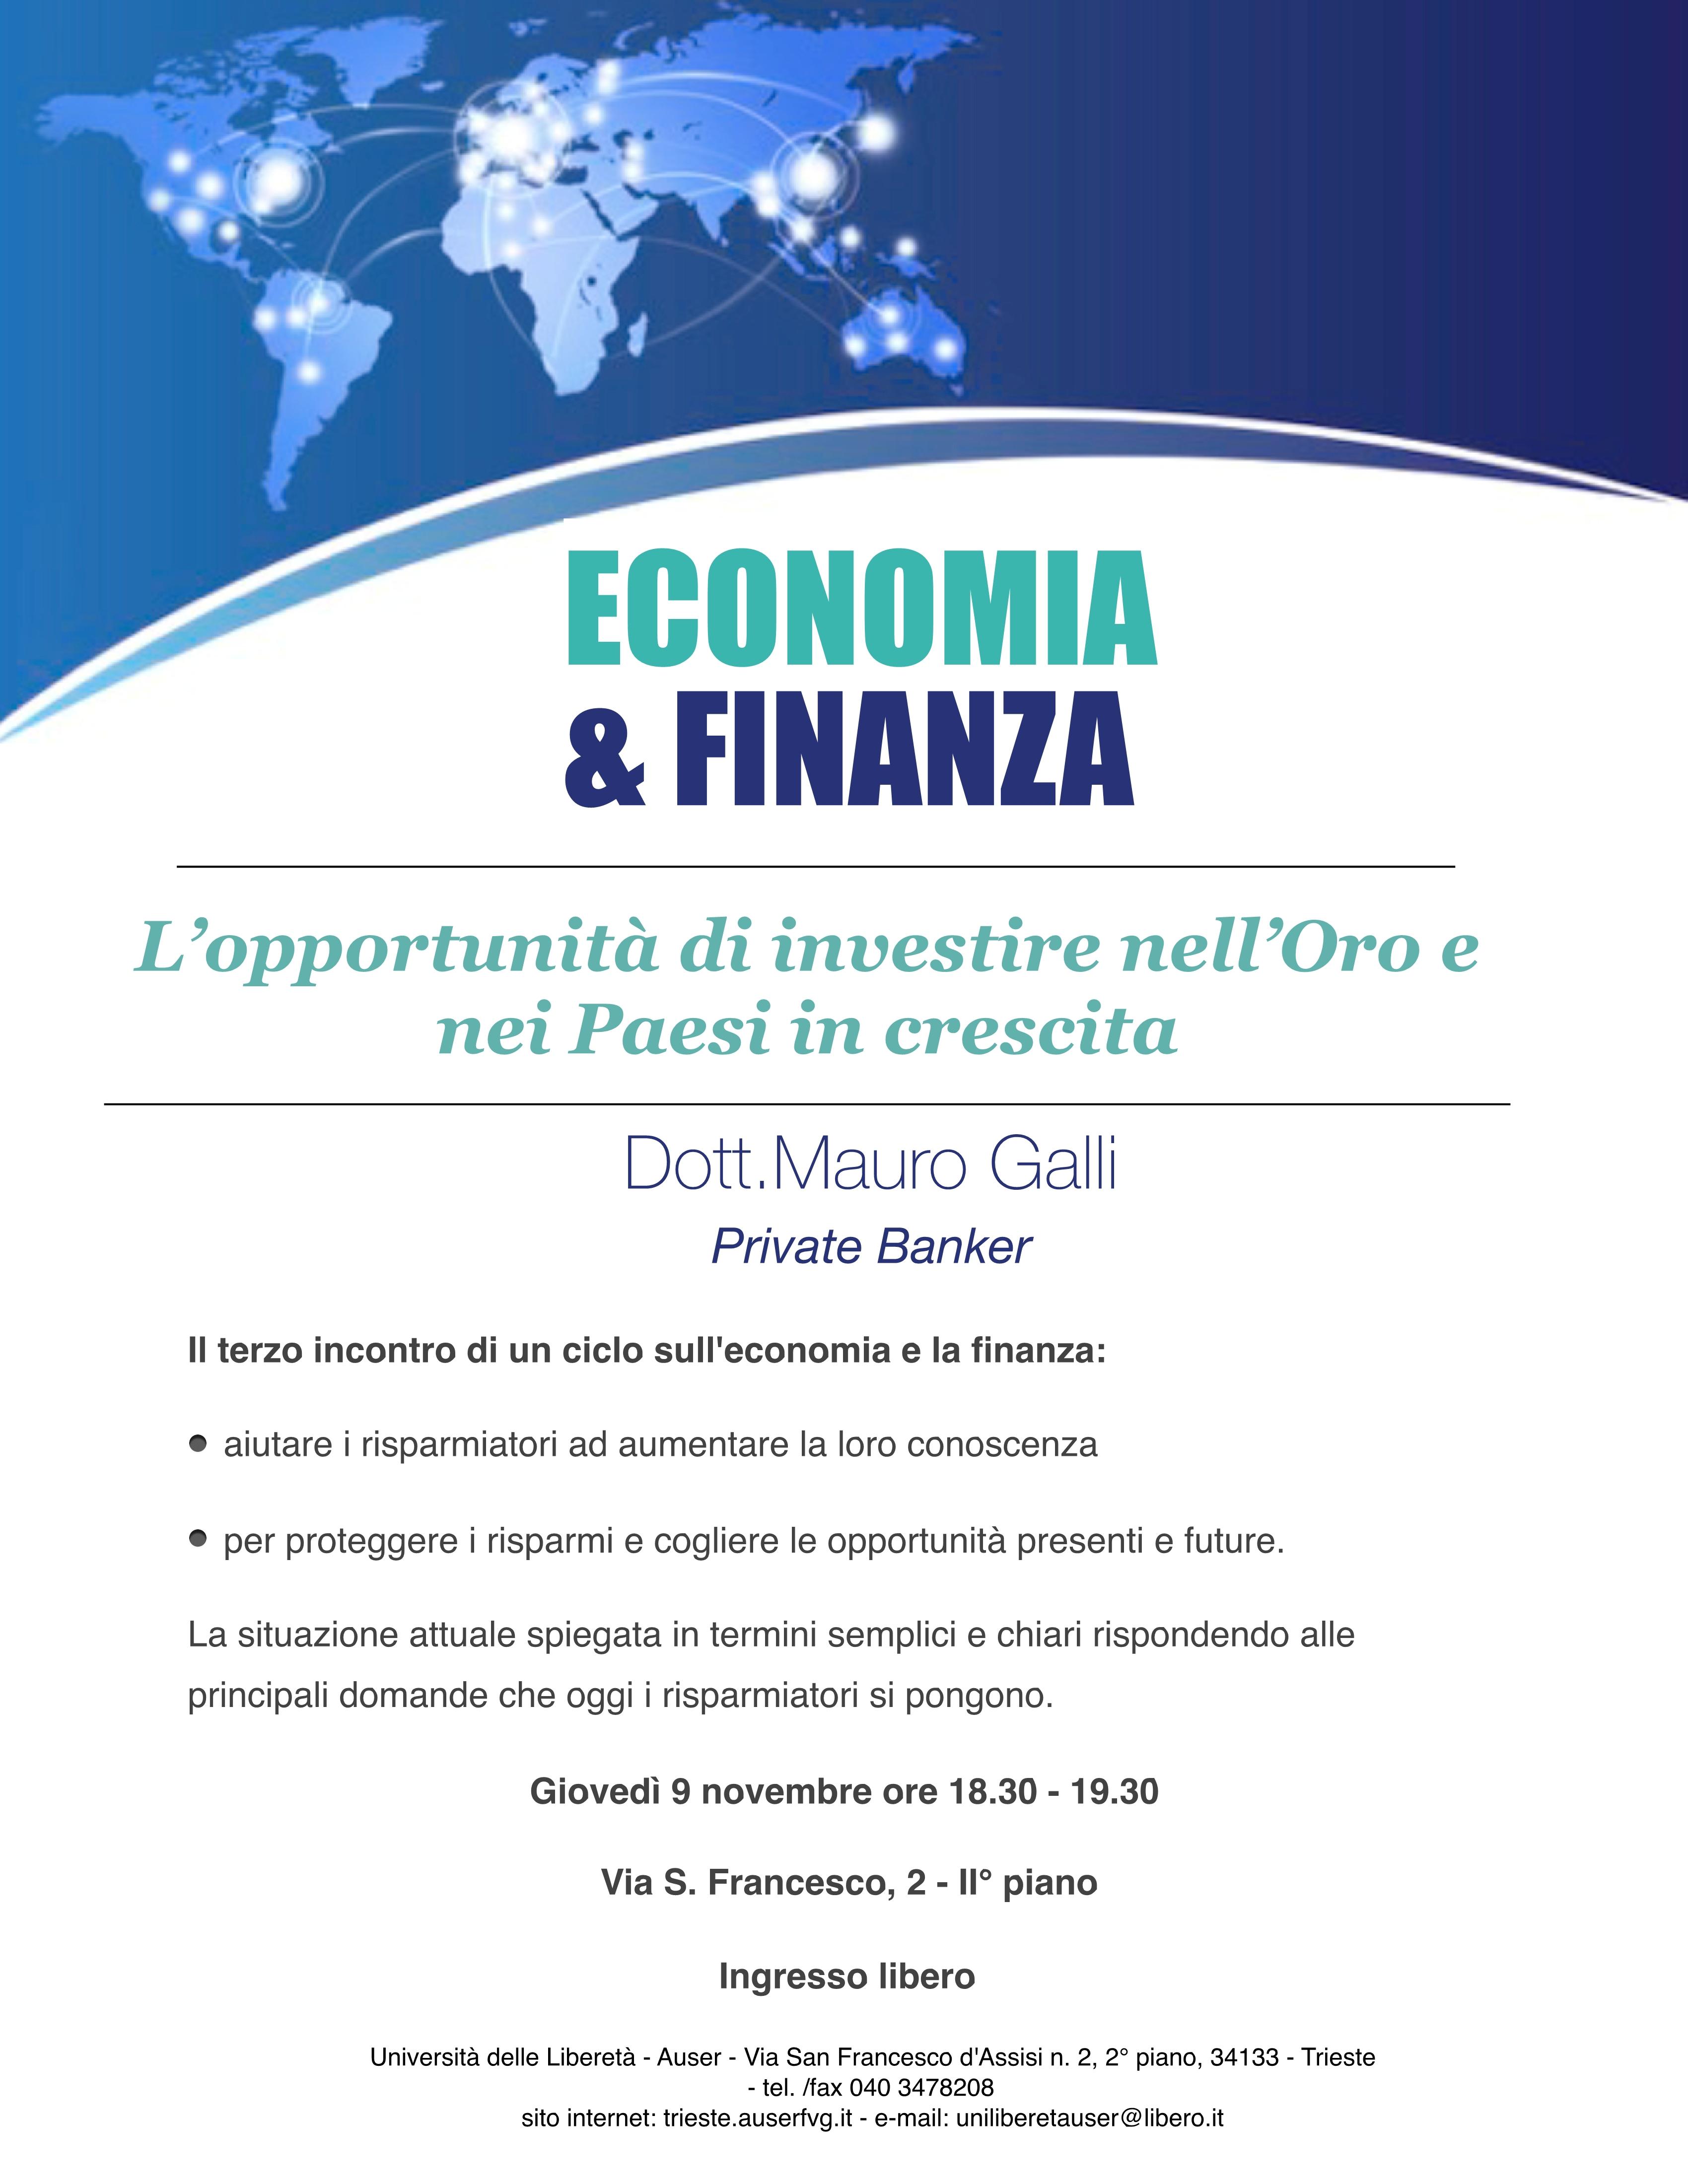 economia e finanza 9 nov